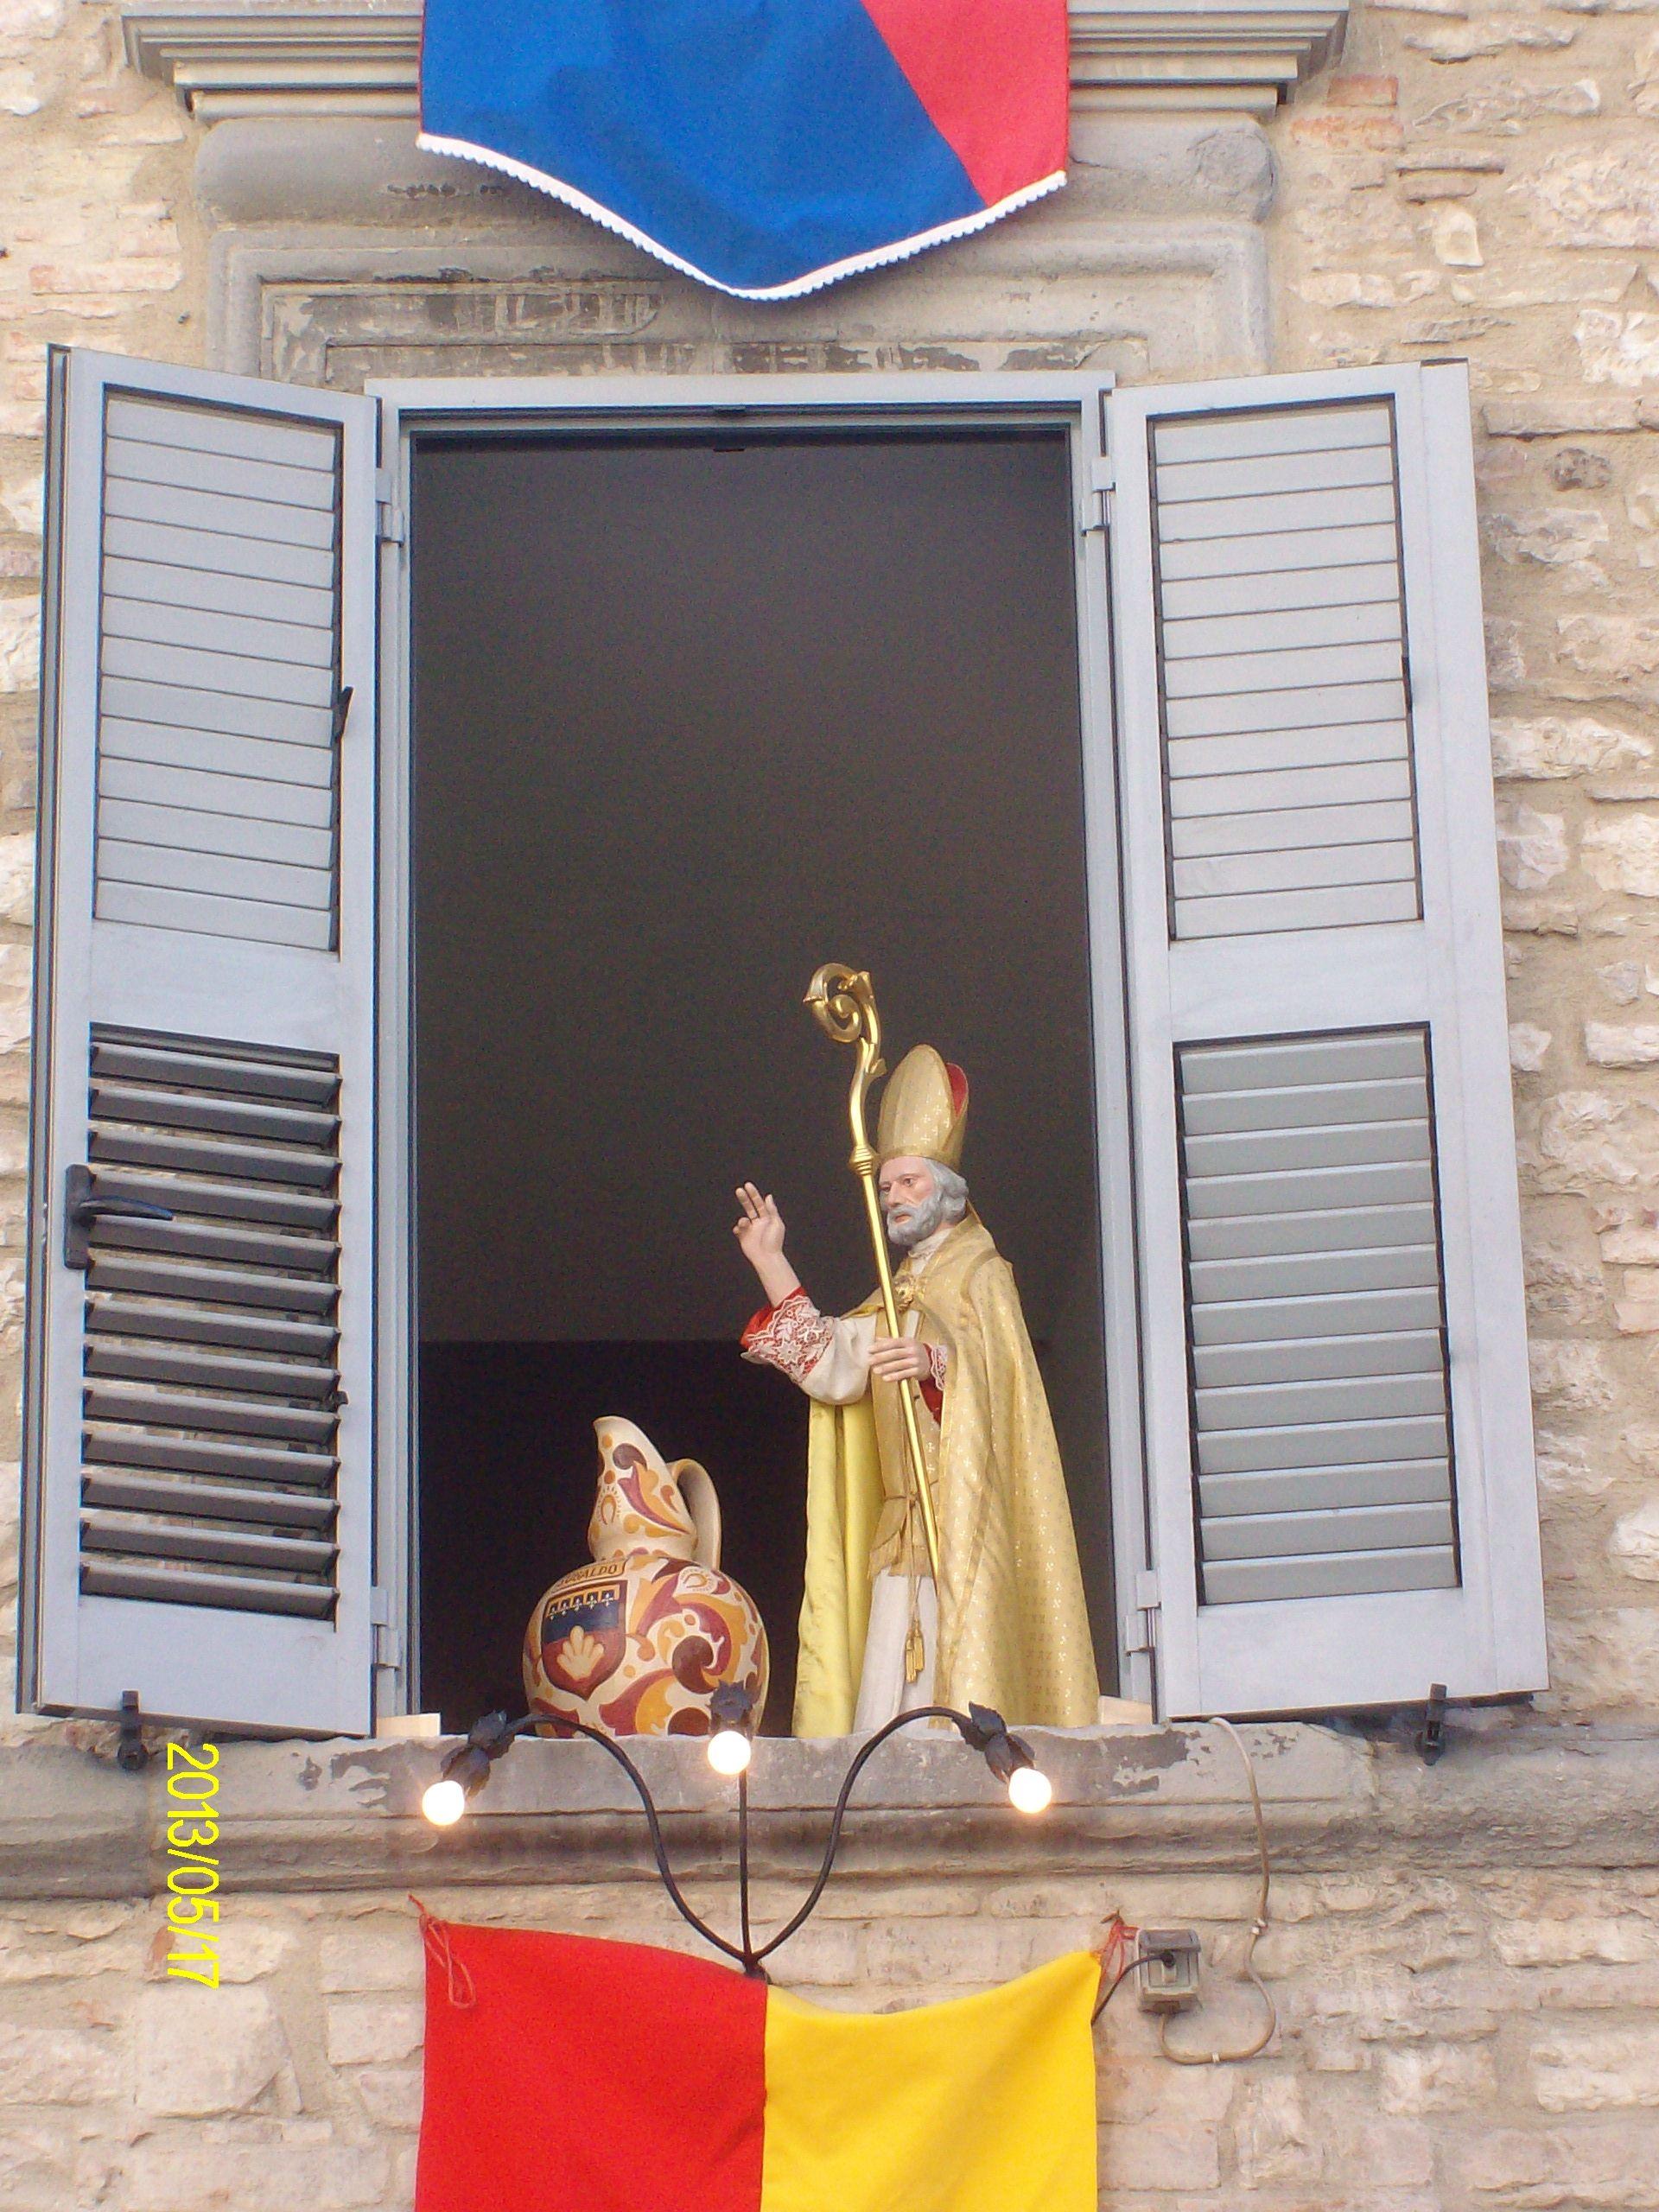 Sant'Ubaldo - Gubbio    - Italy